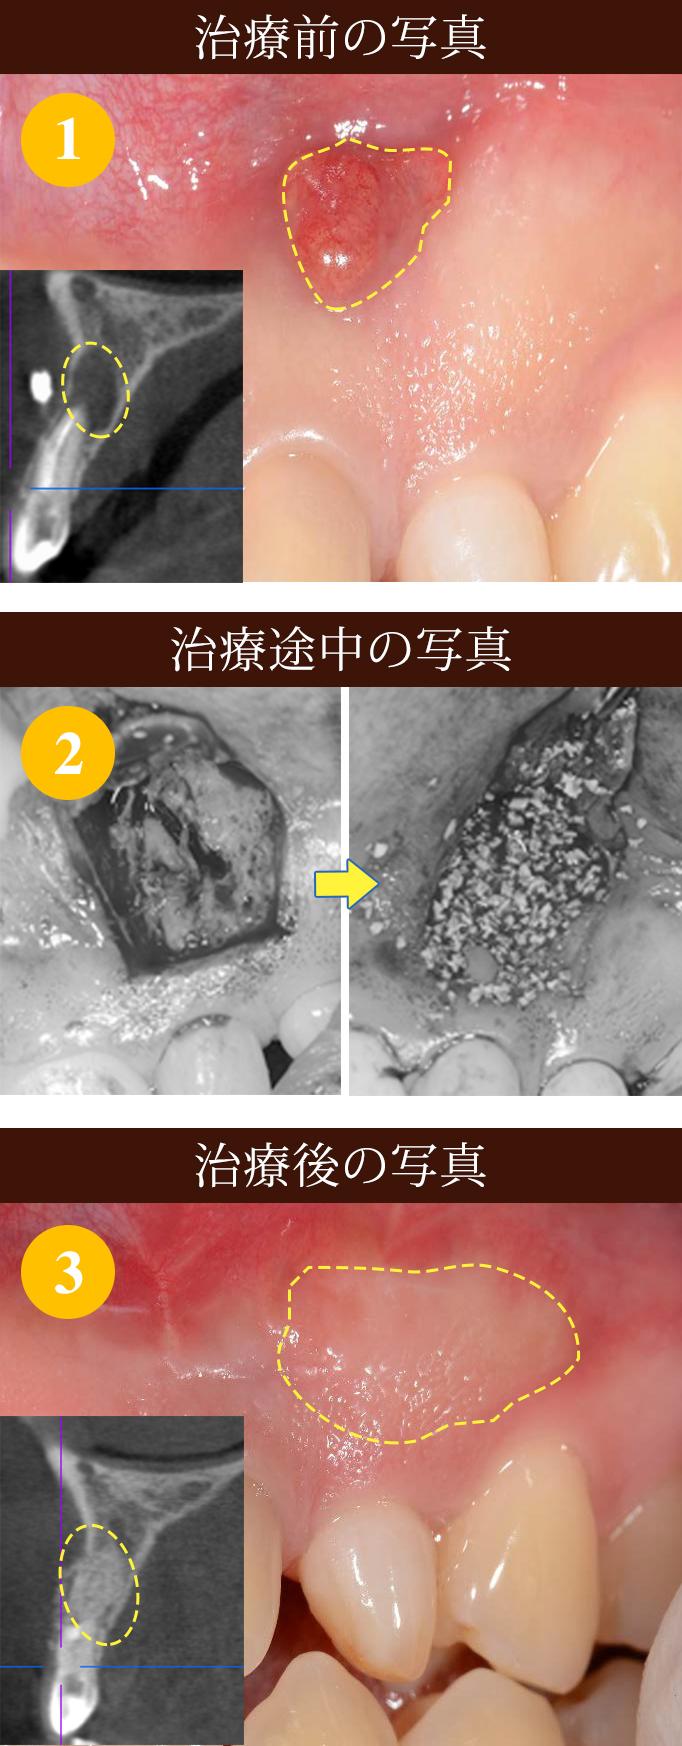 歯の根の治療 難治療 ①写真